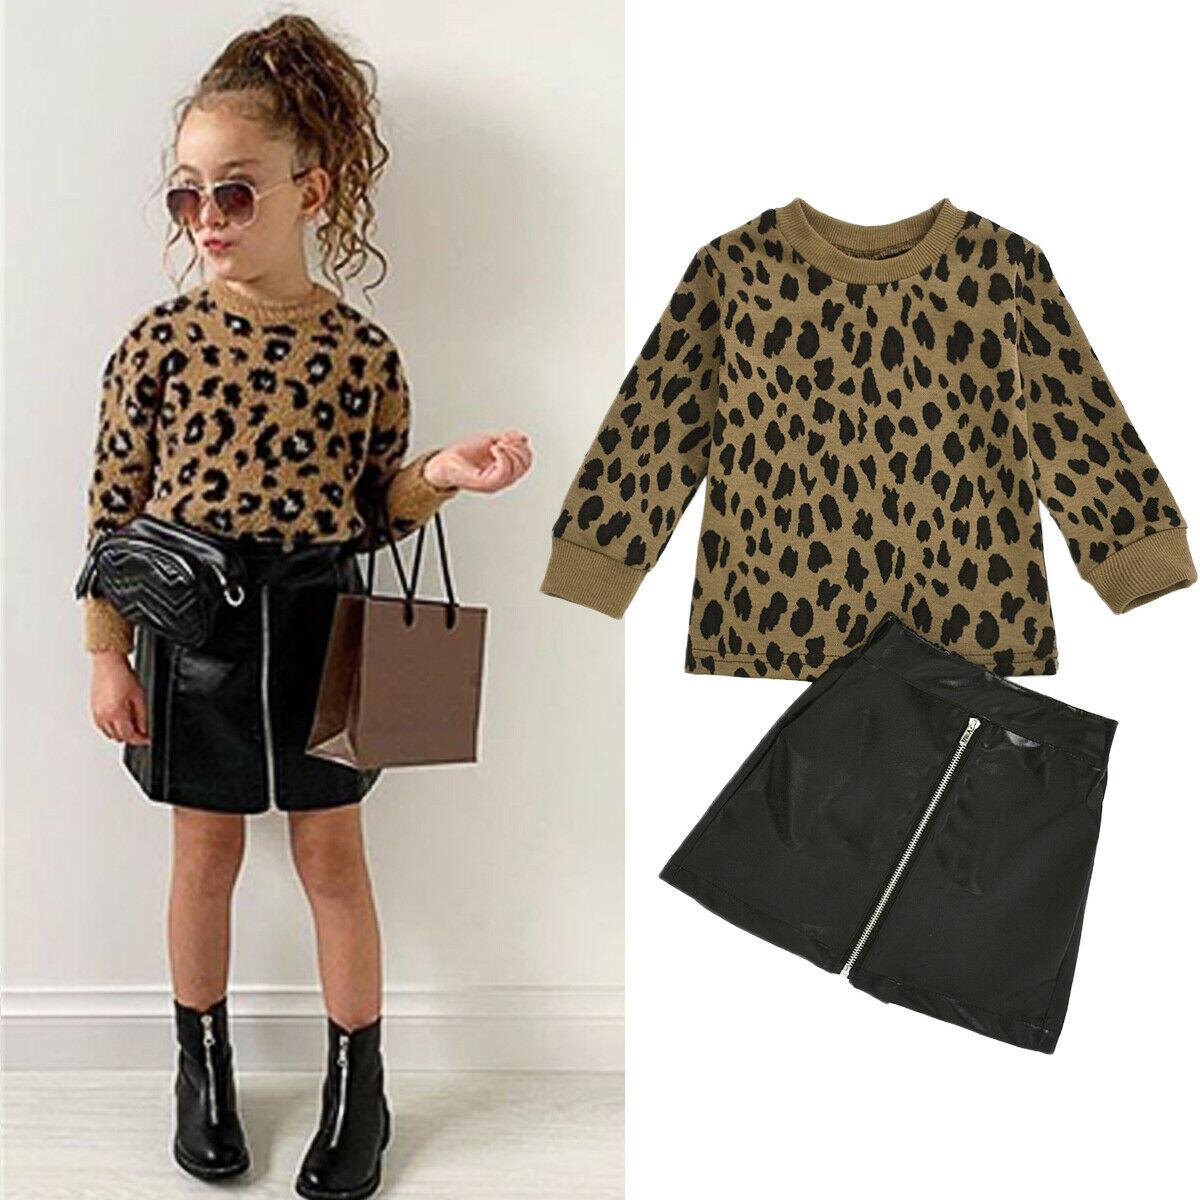 Комплект одежды для малышей из 2 предметов; Одежда для маленьких девочек комплект От 1 до 5 лет с леопардовым принтом пуловер Джемпер кожа Мини-юбки наряд вечерние